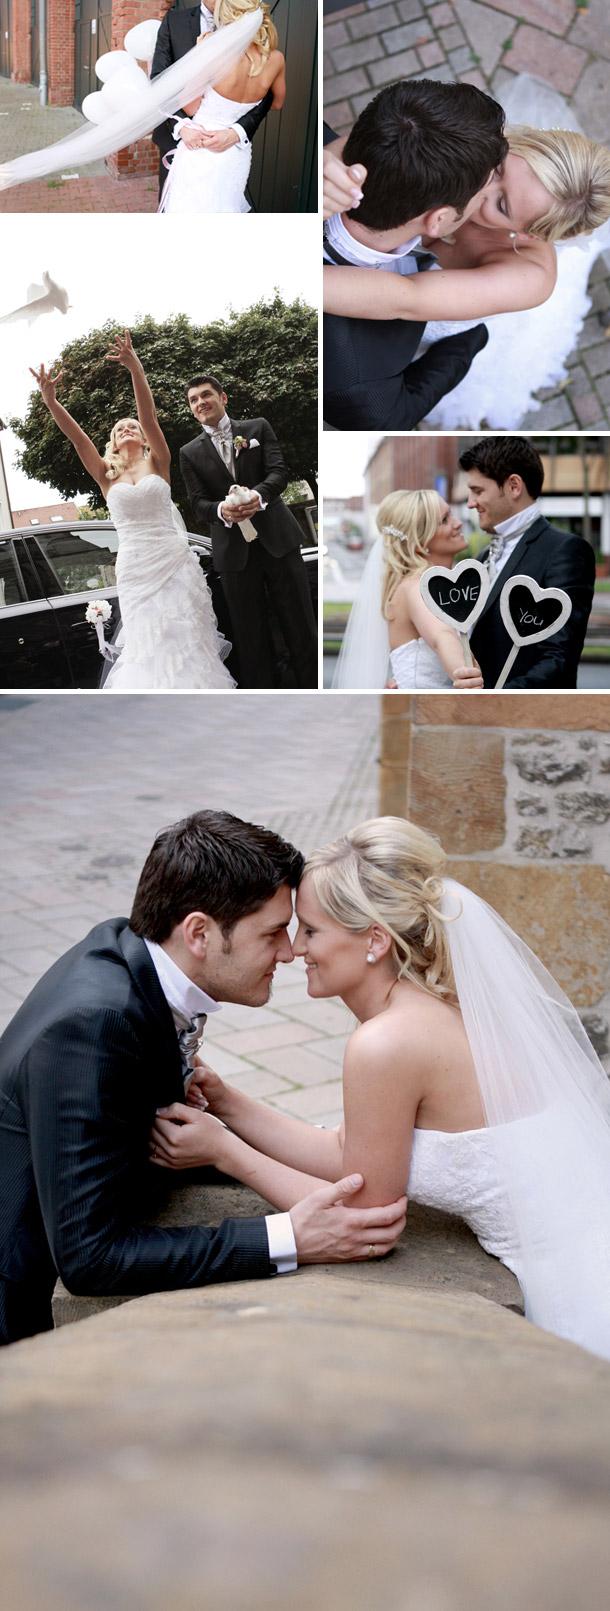 Katy und Bens Hochzeit von Cornelia Krein Photography